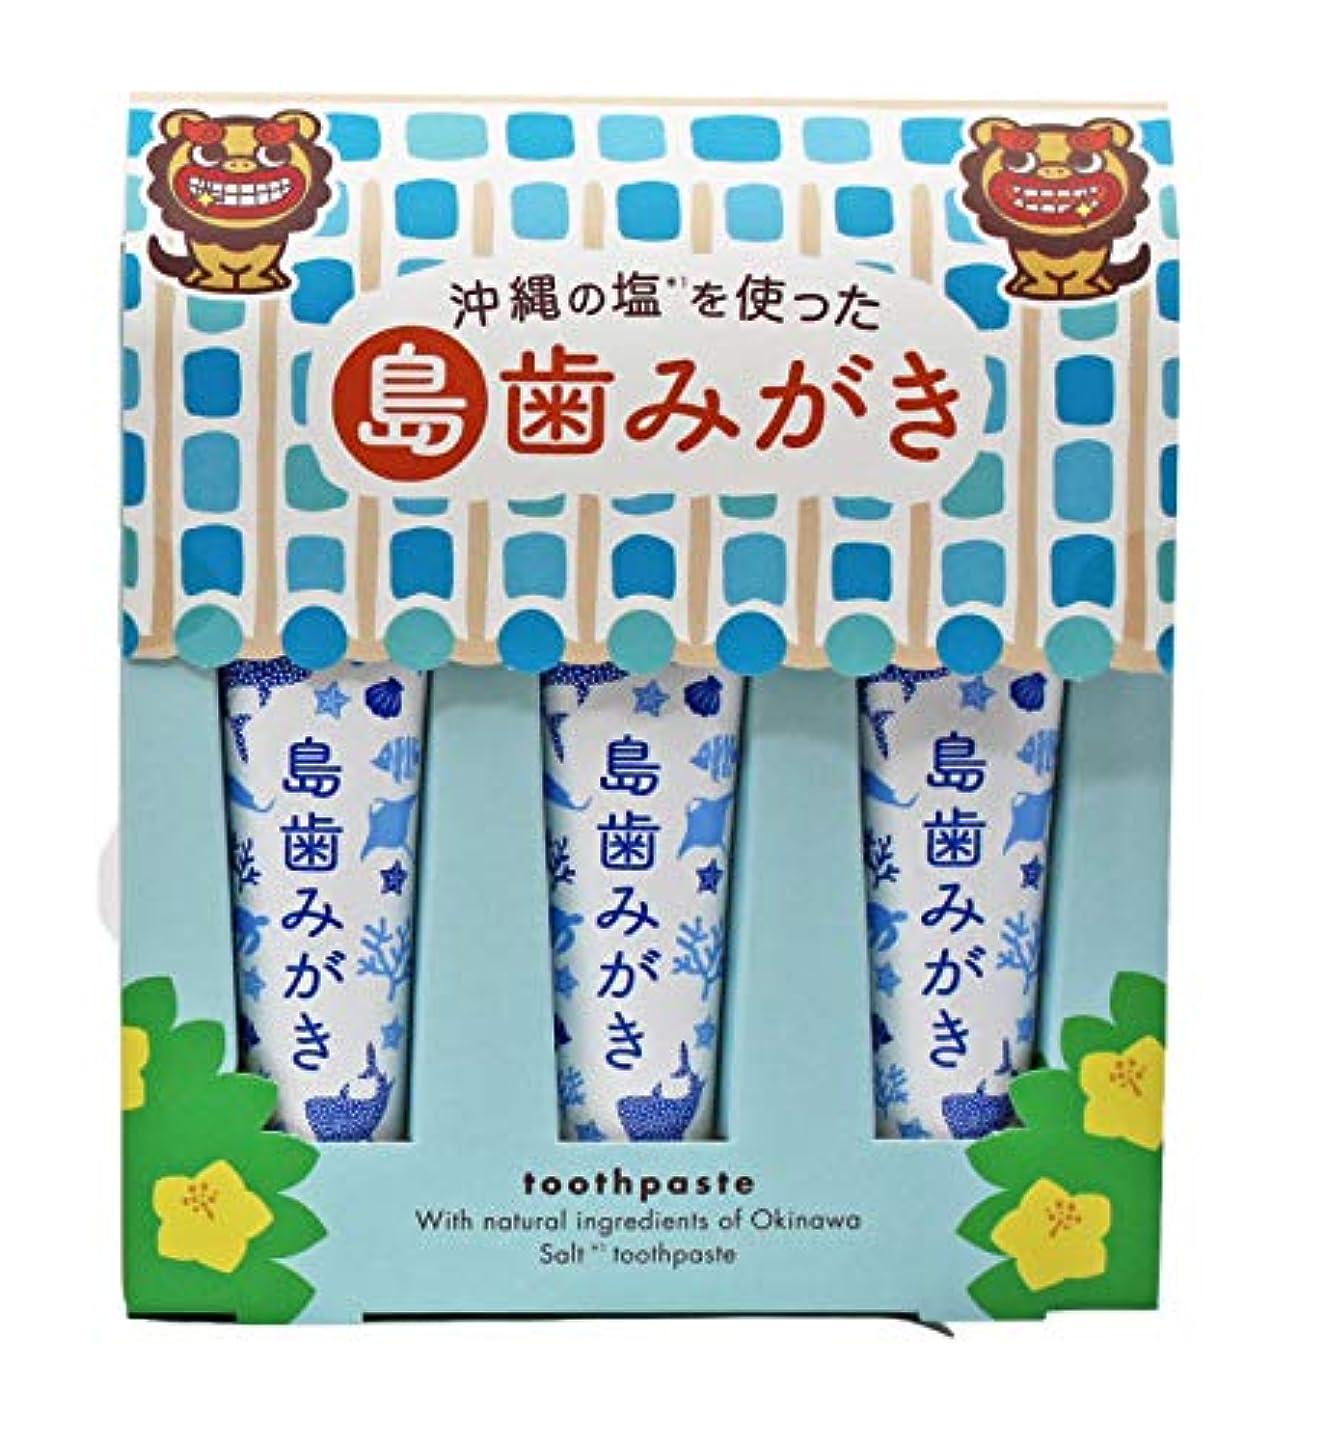 沖縄の塩を使った島歯みがき (藍色) 15g×3本入り